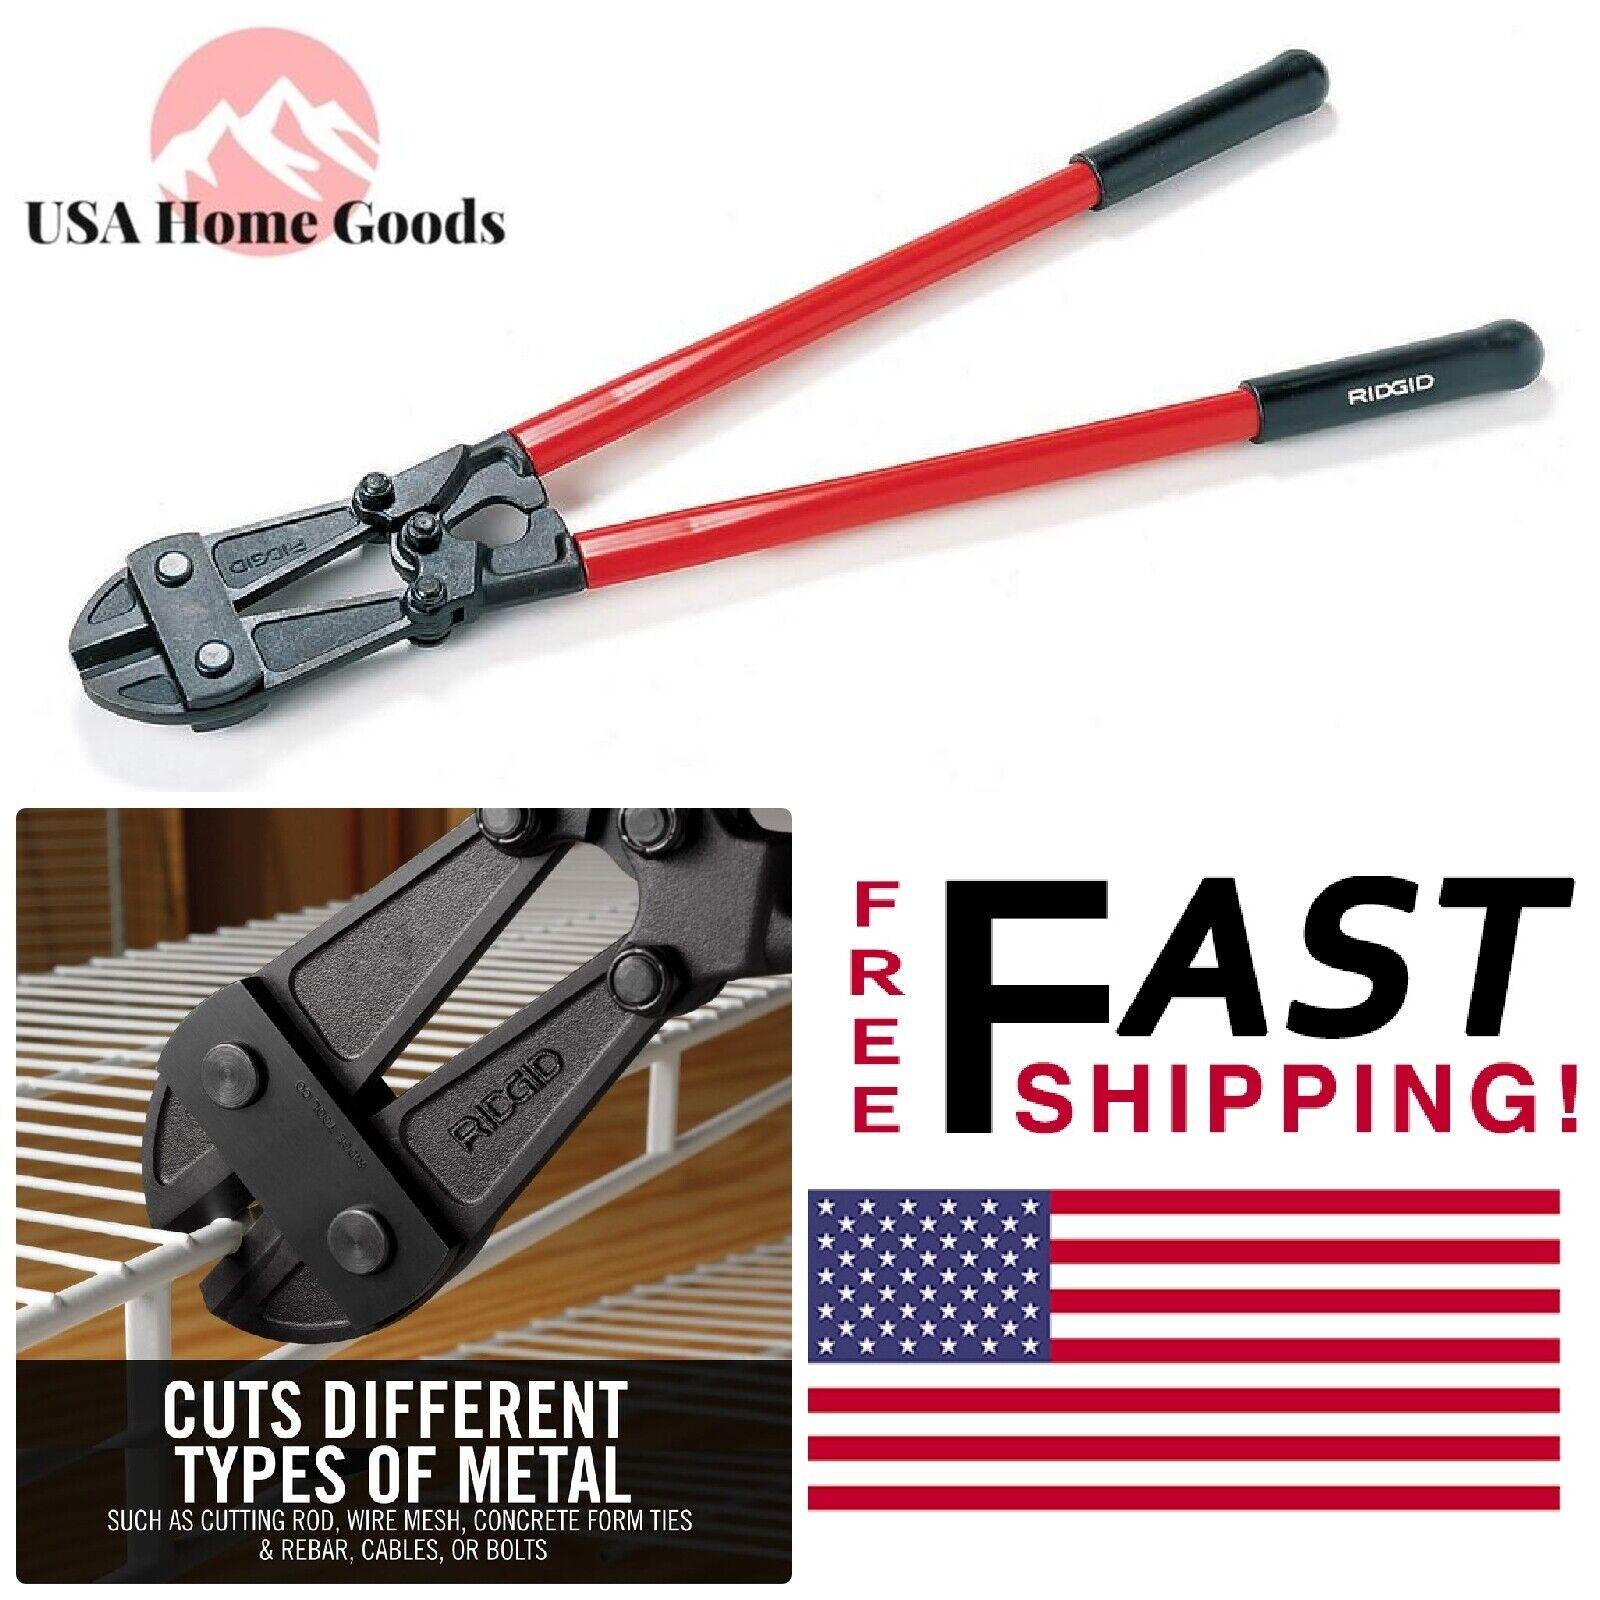 RIDGID 30  Bolt Cutter Heavy-Duty Alloy Steel Jaws Cutting Tool W  Comfort Grip